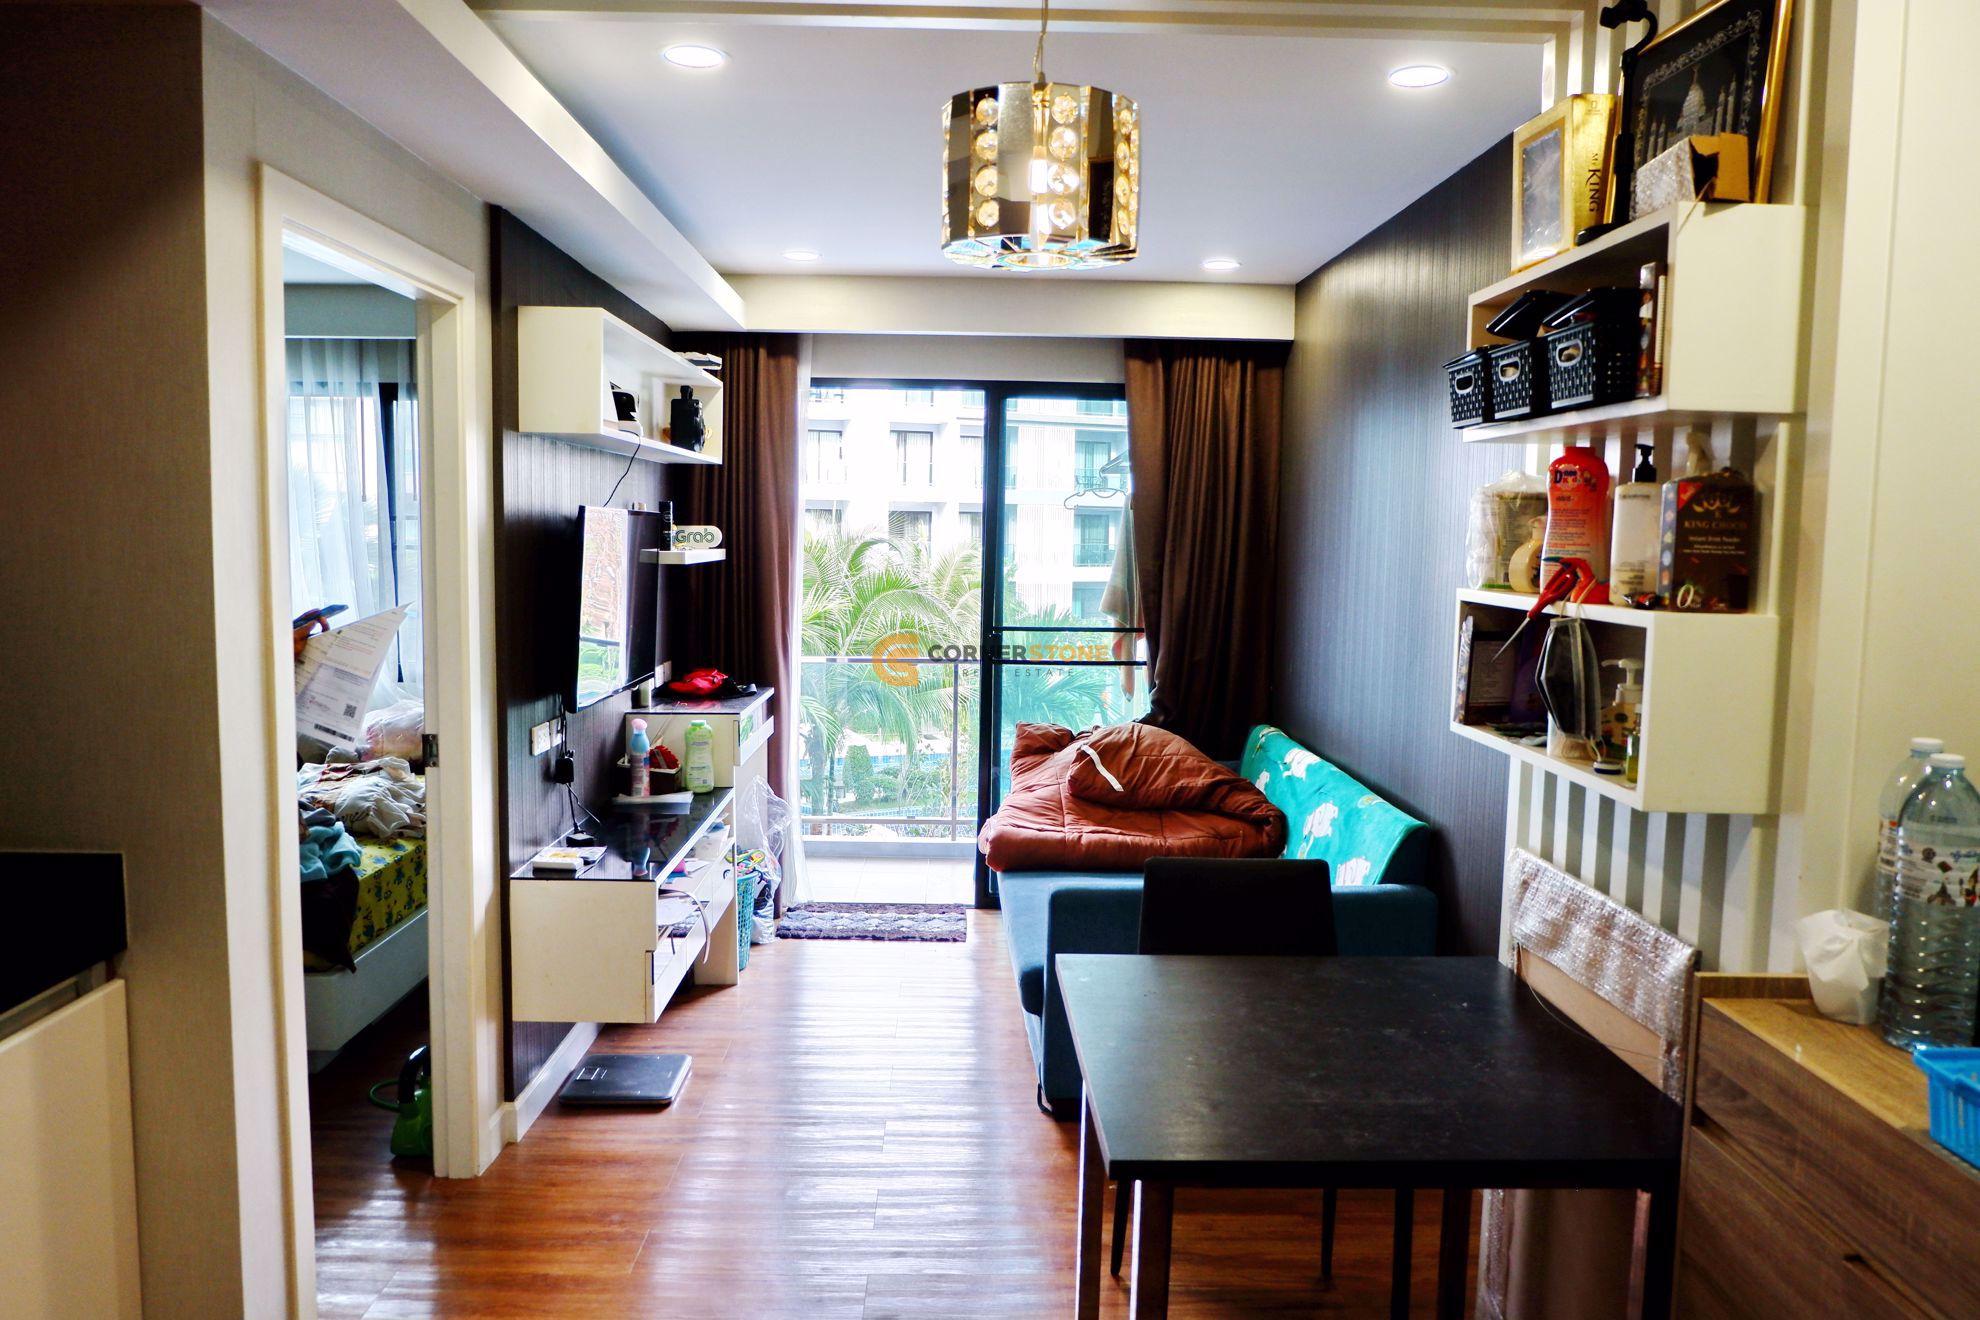 1 bed Condo in Dusit Grand Park in Jomtien C002448